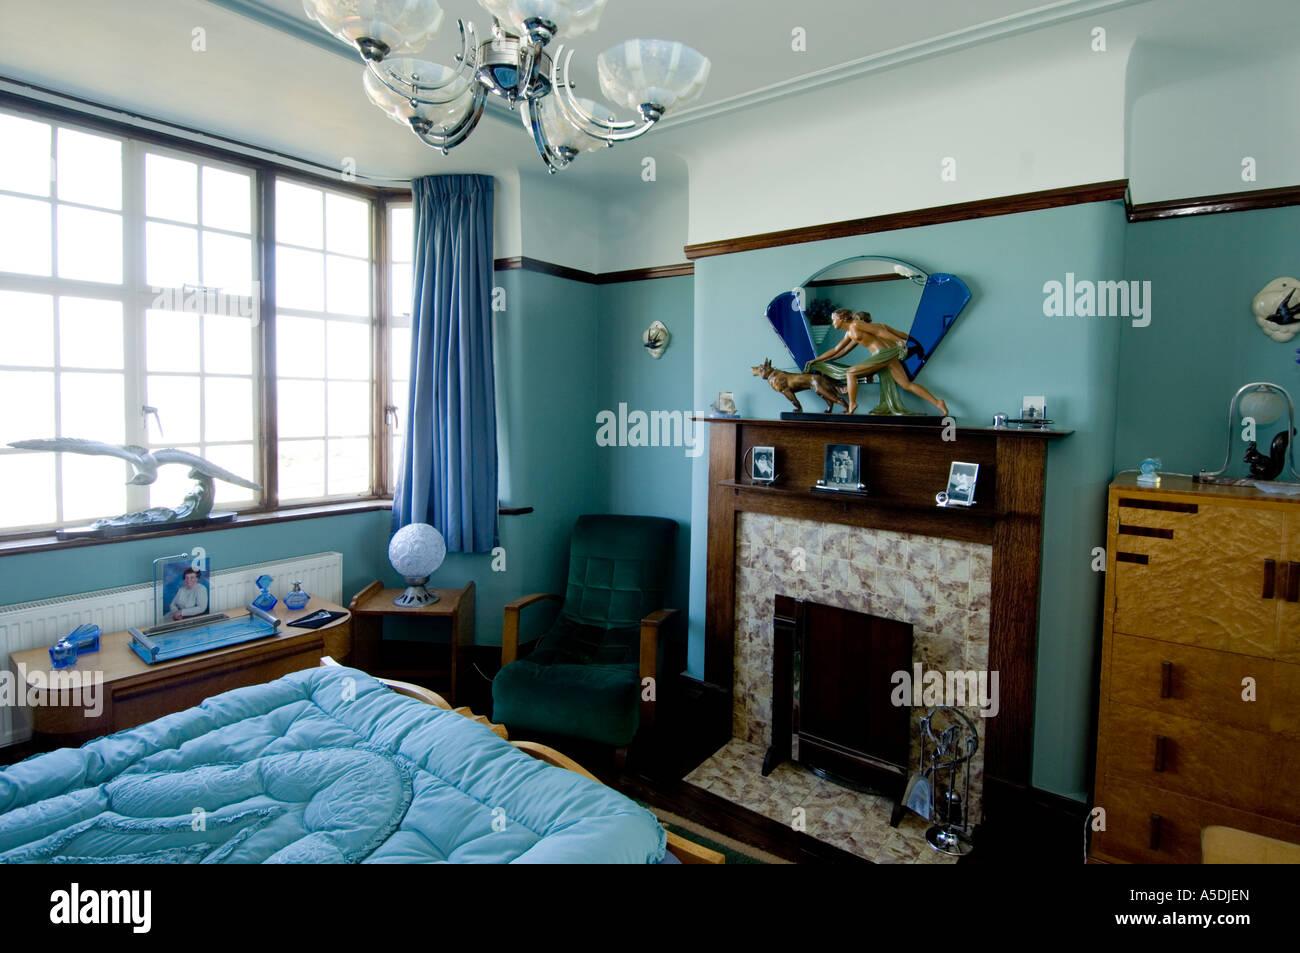 Art-Deco Jugendstil 1930 s Haus innen Schlafzimmer blau Farbe ...